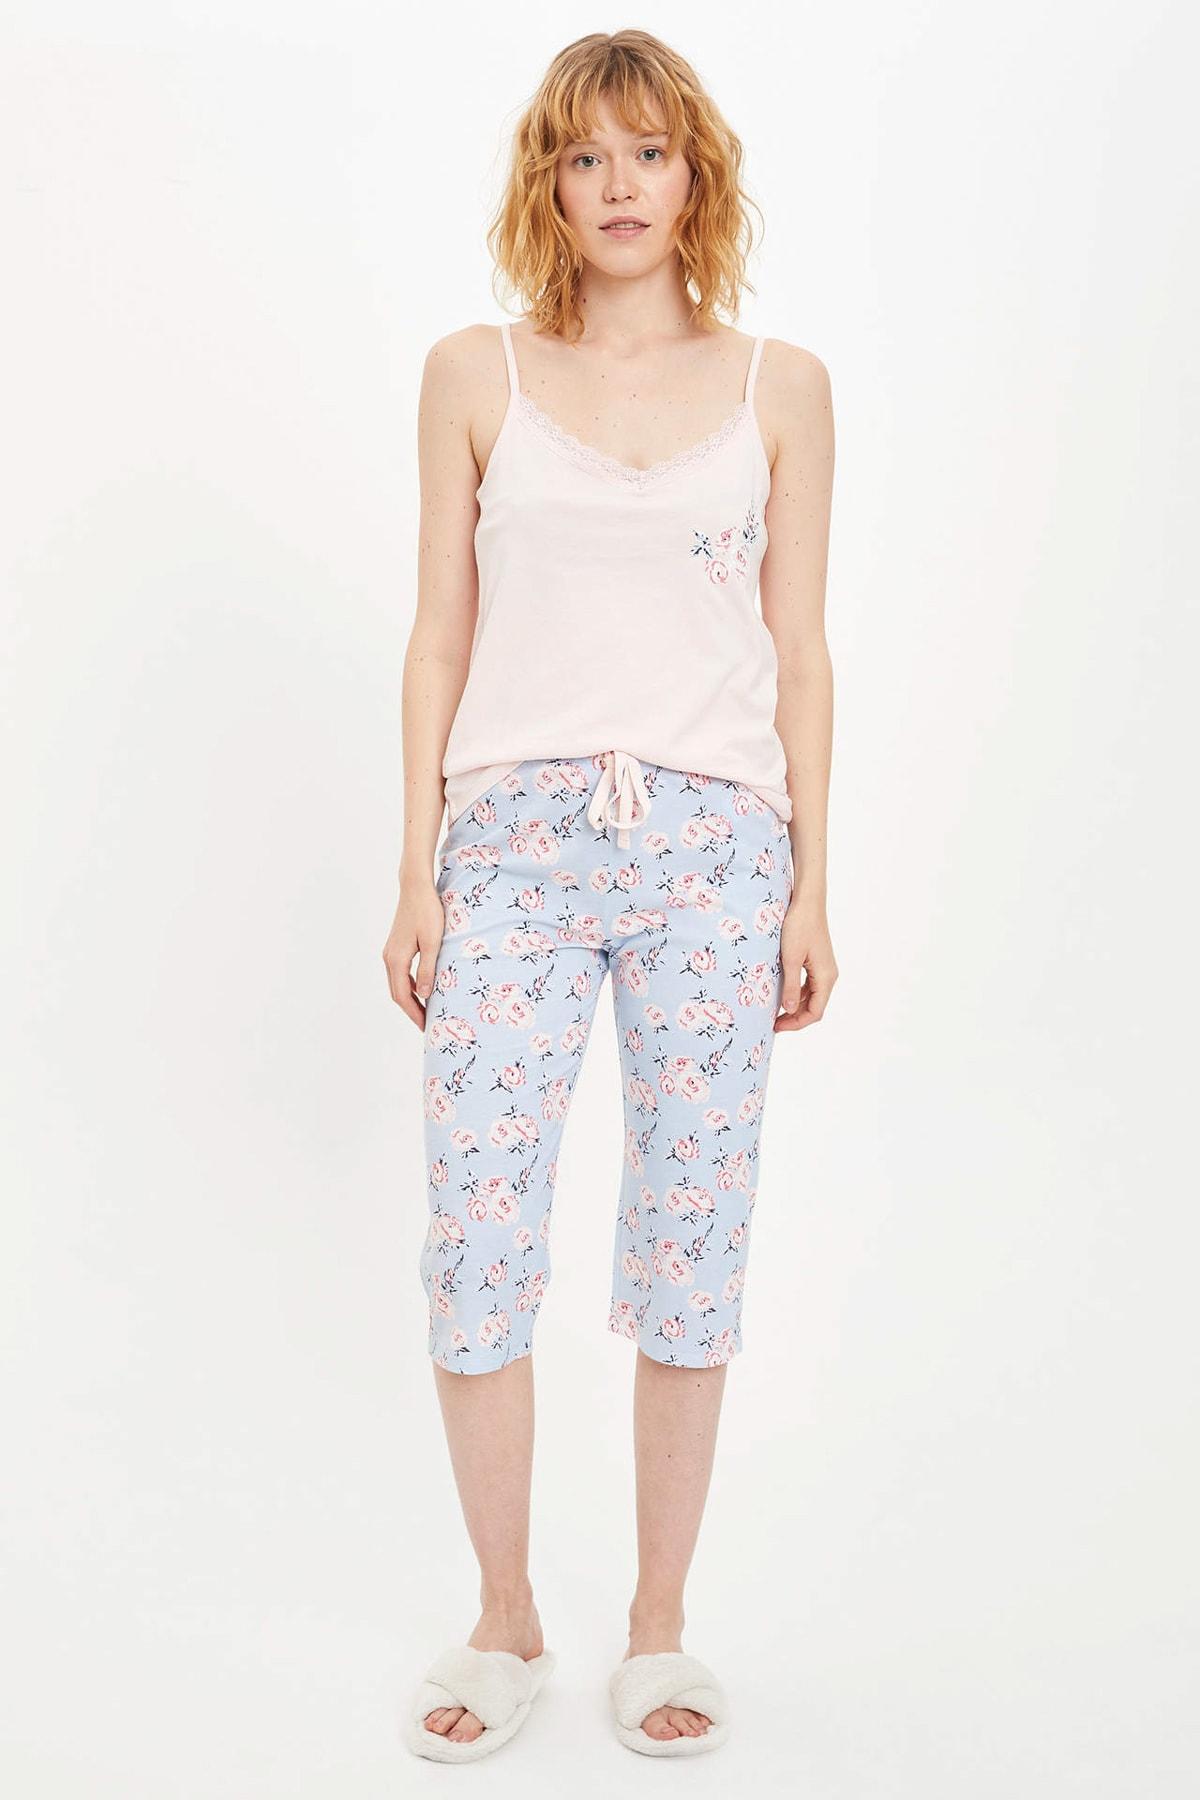 Kadın Mavi Askılı Çiçek Desenli Pijama Takımı R3831AZ20SMBE